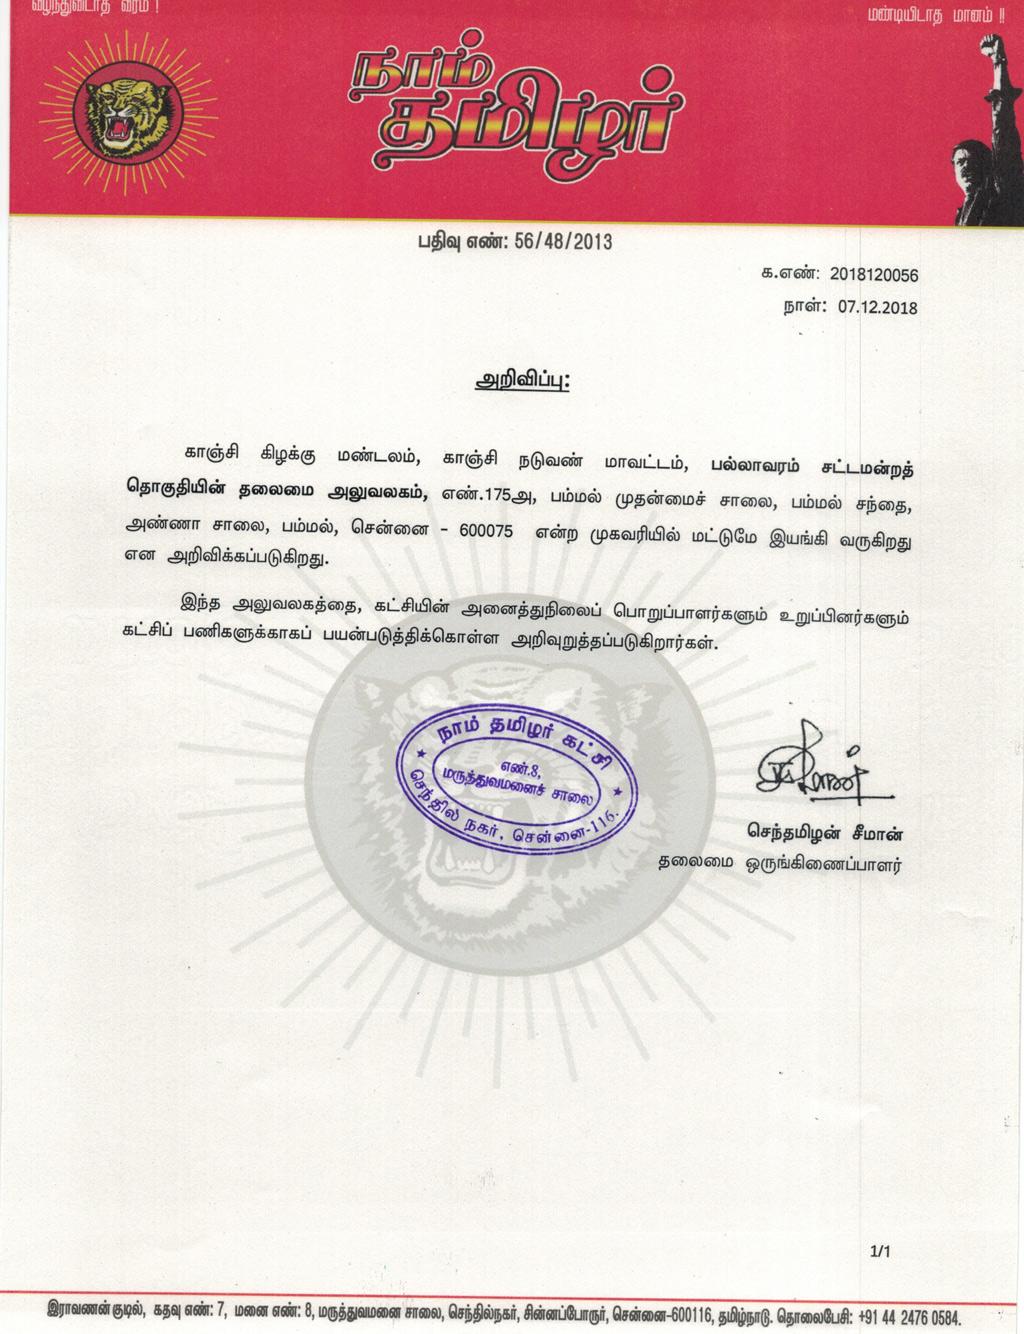 தலைமை அறிவிப்பு: பல்லாவரம் சட்டமன்றத் தொகுதி அலுவலகம் (07-12-2018)